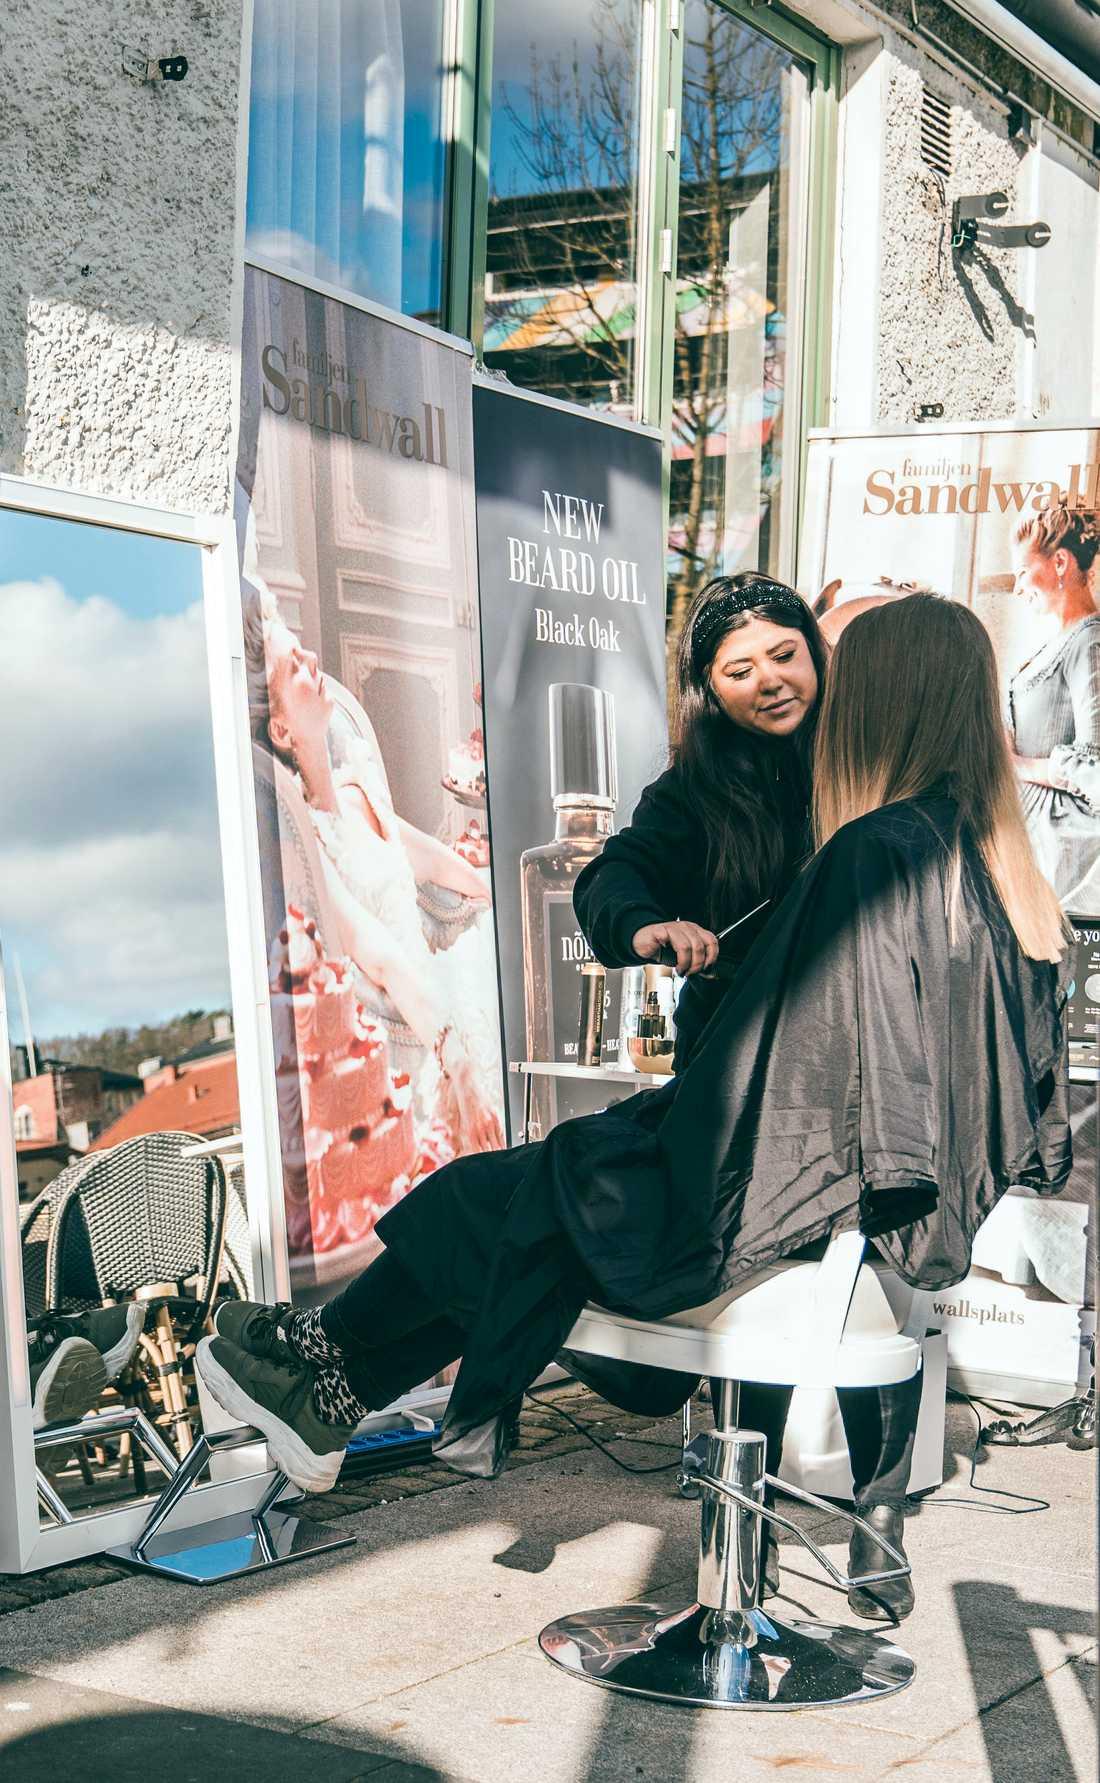 Utanför salongen finns en uteservering som den här våren lånar ut en liten del av sin serveringsyta. Några restaurangbord har plockats bort för att ge plats åt frisörstol, speglar, fönar och lite hårprodukter.